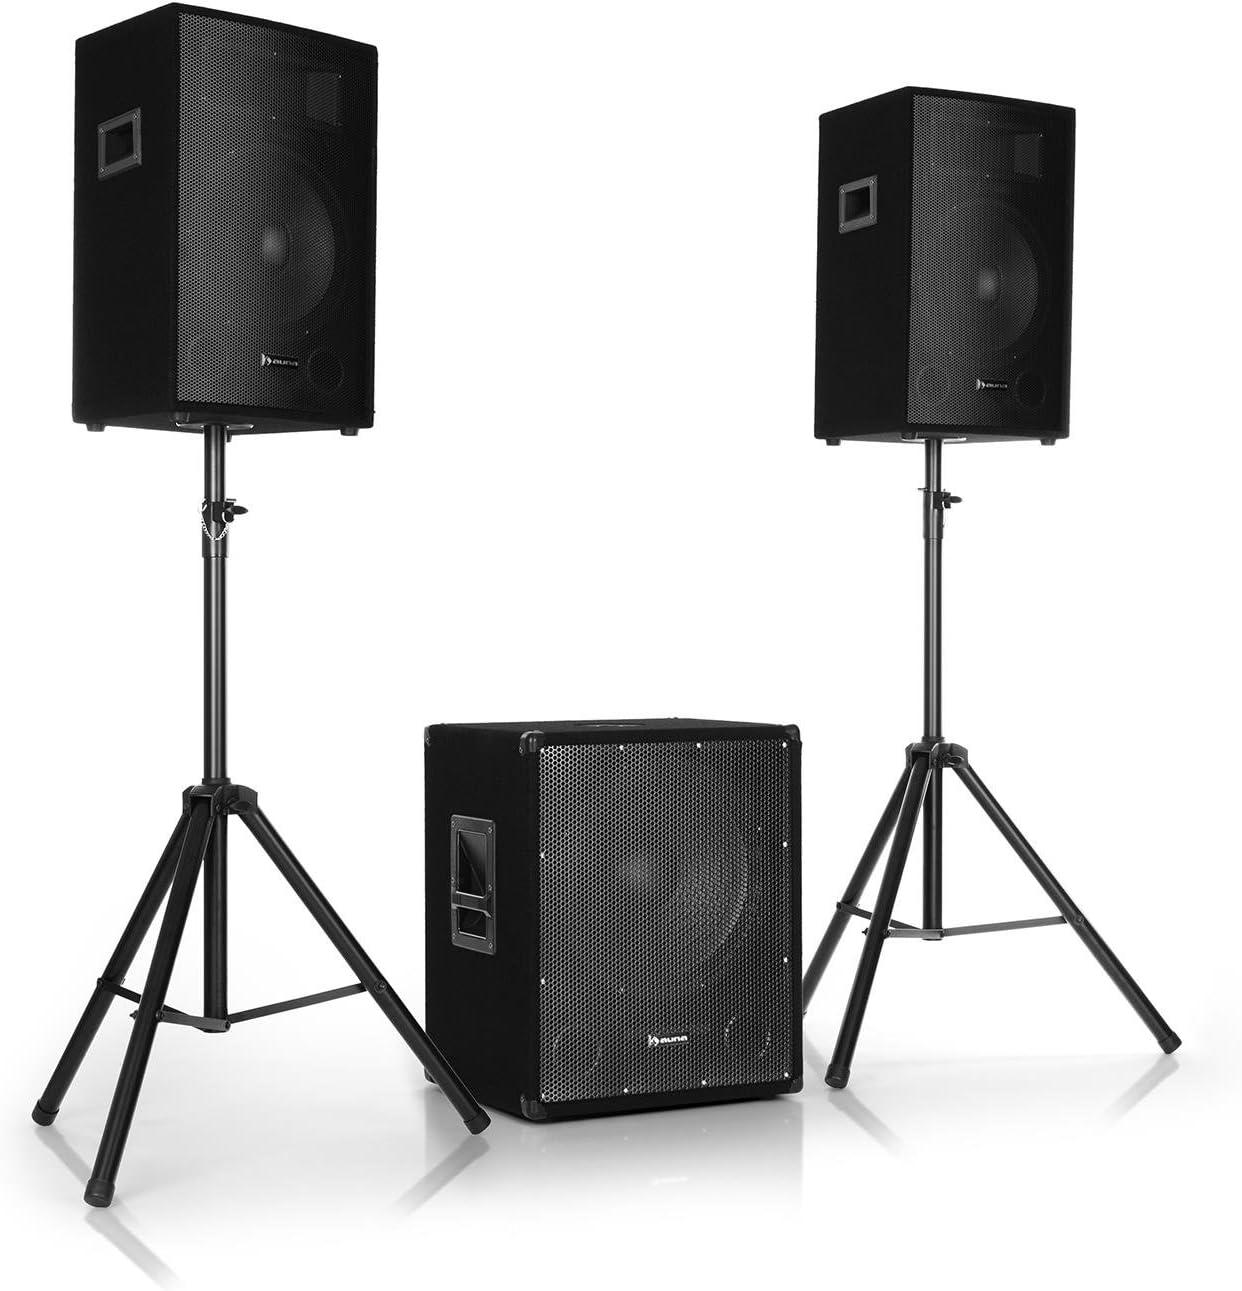 auna Cube 1512 • Equipo de PA 2.1 • 1200 W de potencia total • Subwoofer de 38 cm • 2 altavoces de 30 cm • Tecnología para biamplificar • Eco • Control de graves y agudos • Incluye accesorios • Negro: Amazon.es: Instrumentos musicales